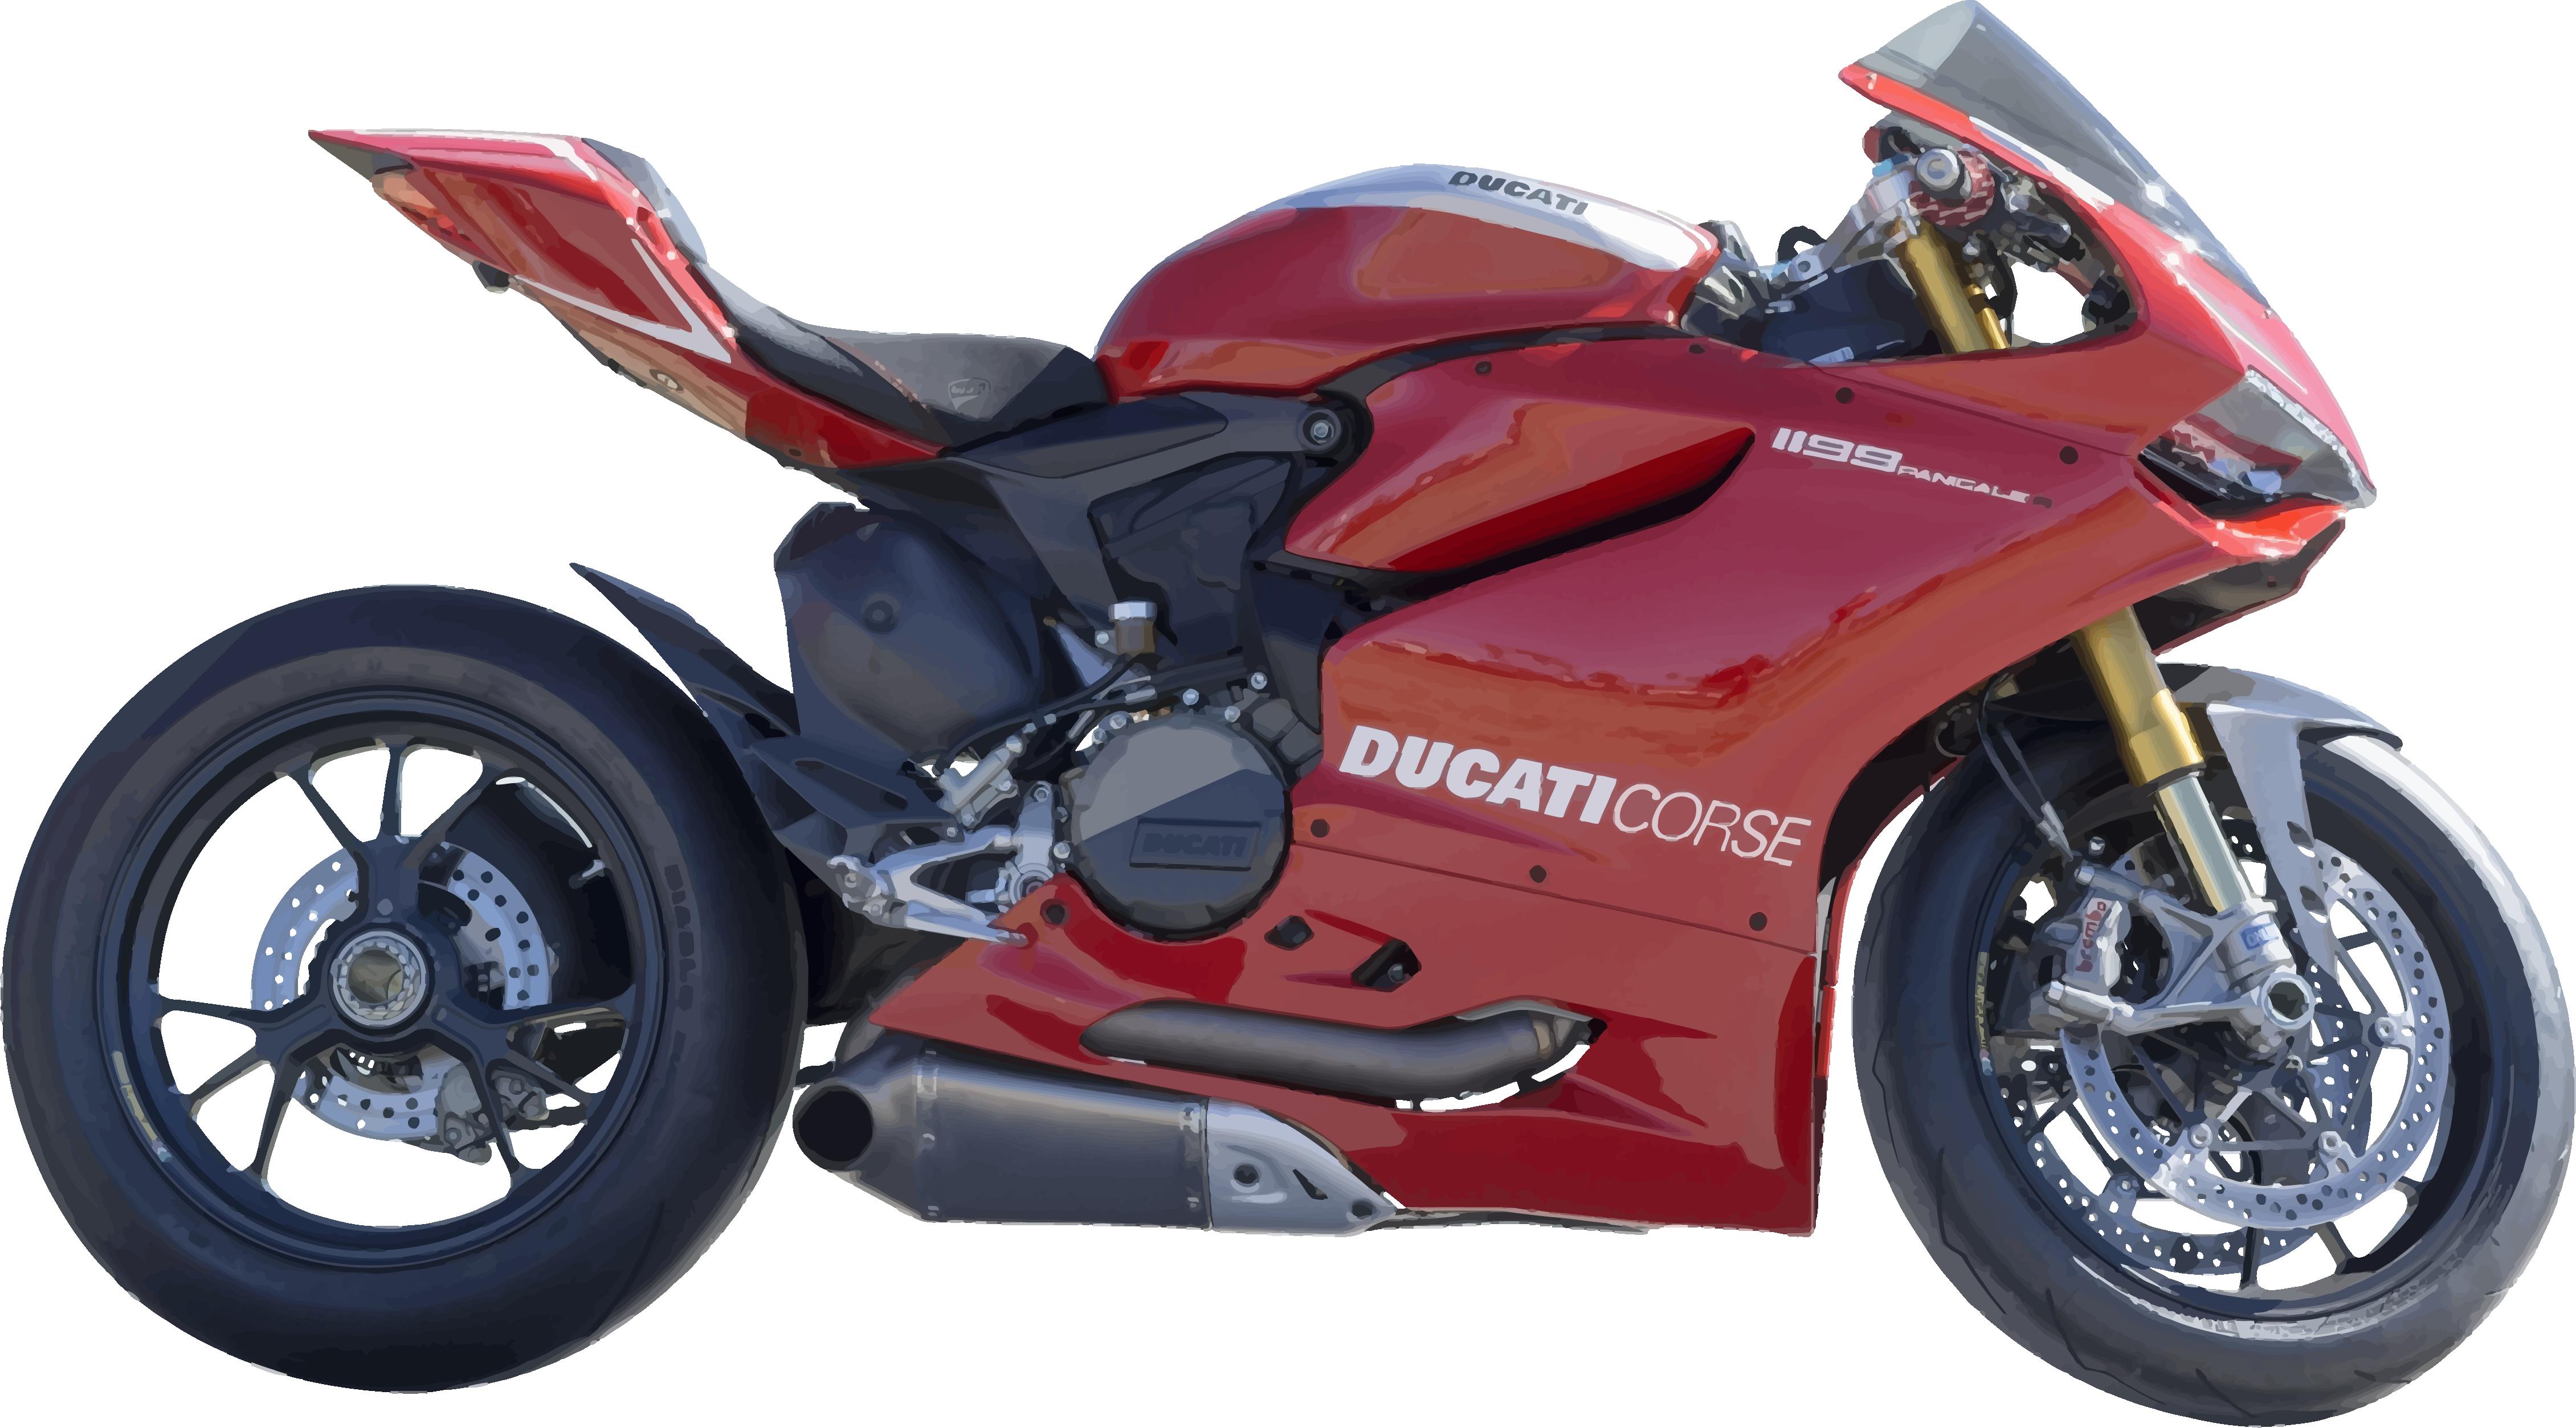 Motocicleta Ducati roja